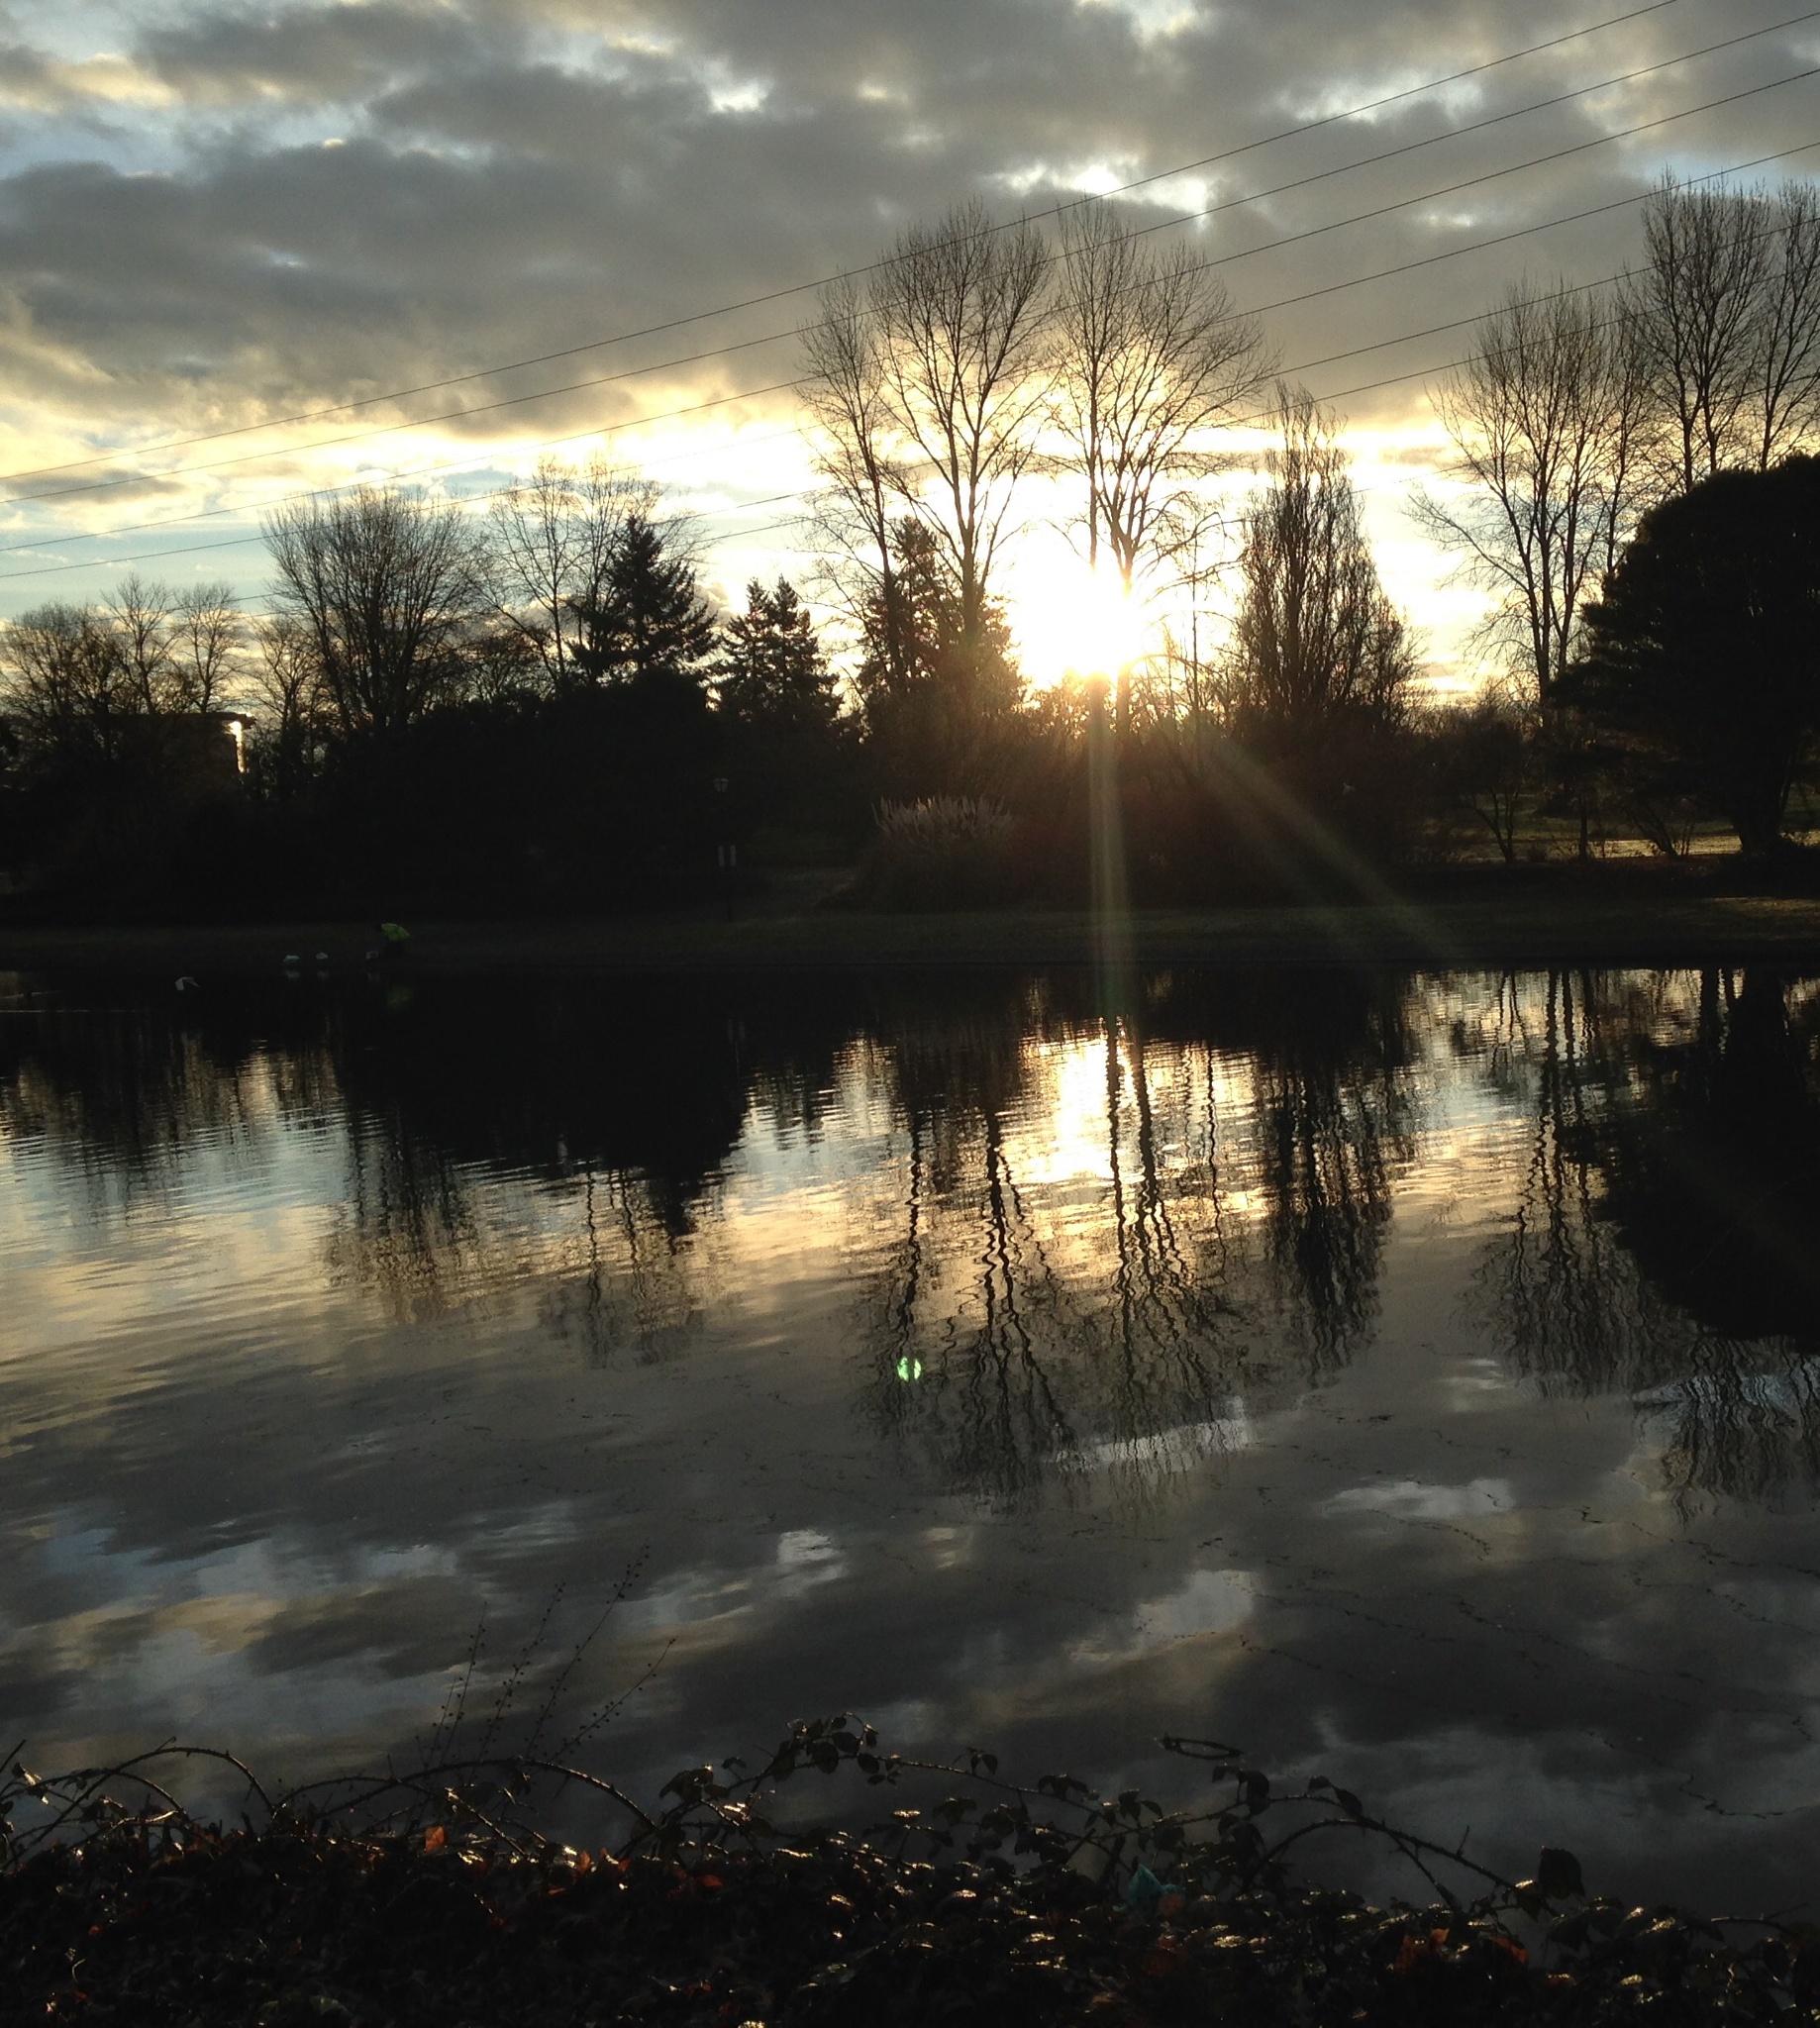 Morning in Eugene by nicole.gerding.56